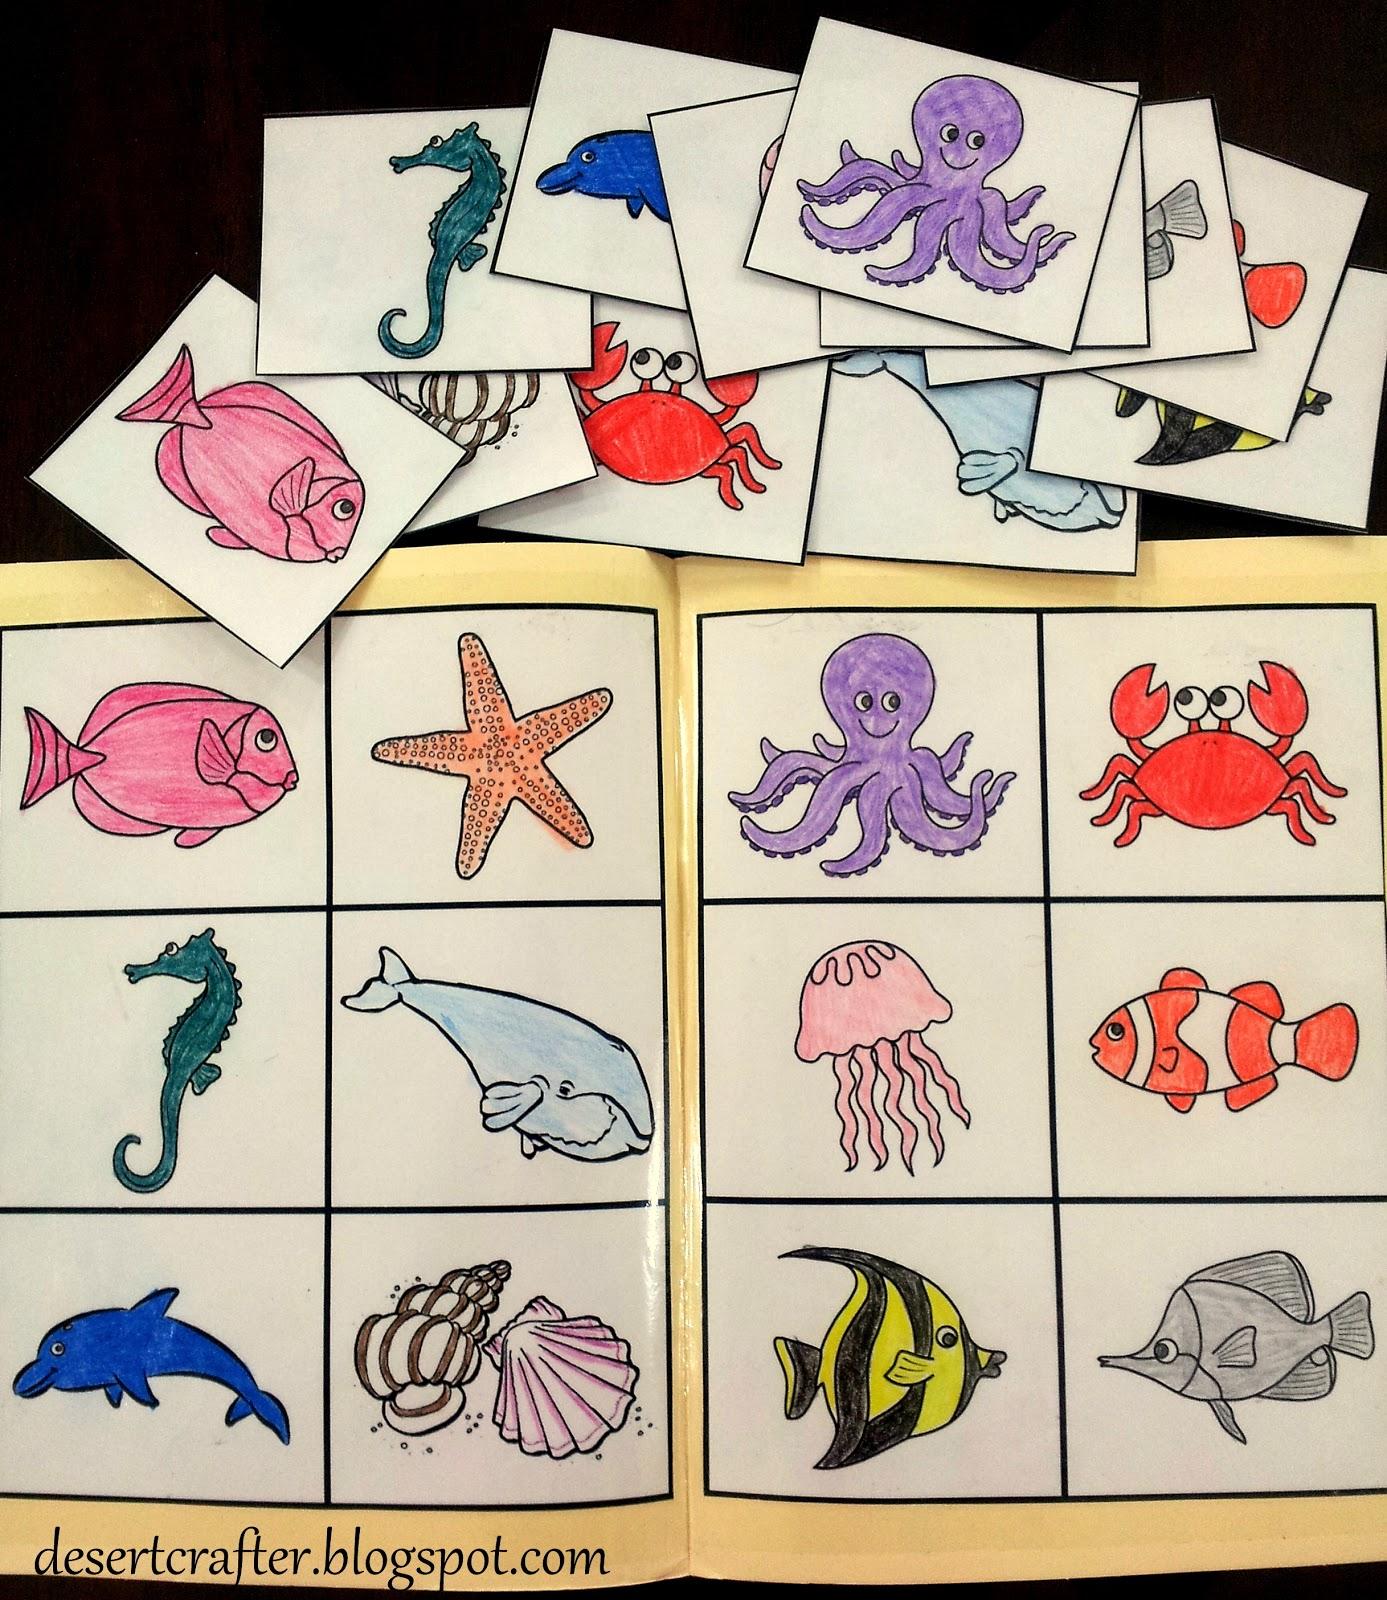 Desert Crafter More File Folder Games For Preschoolers